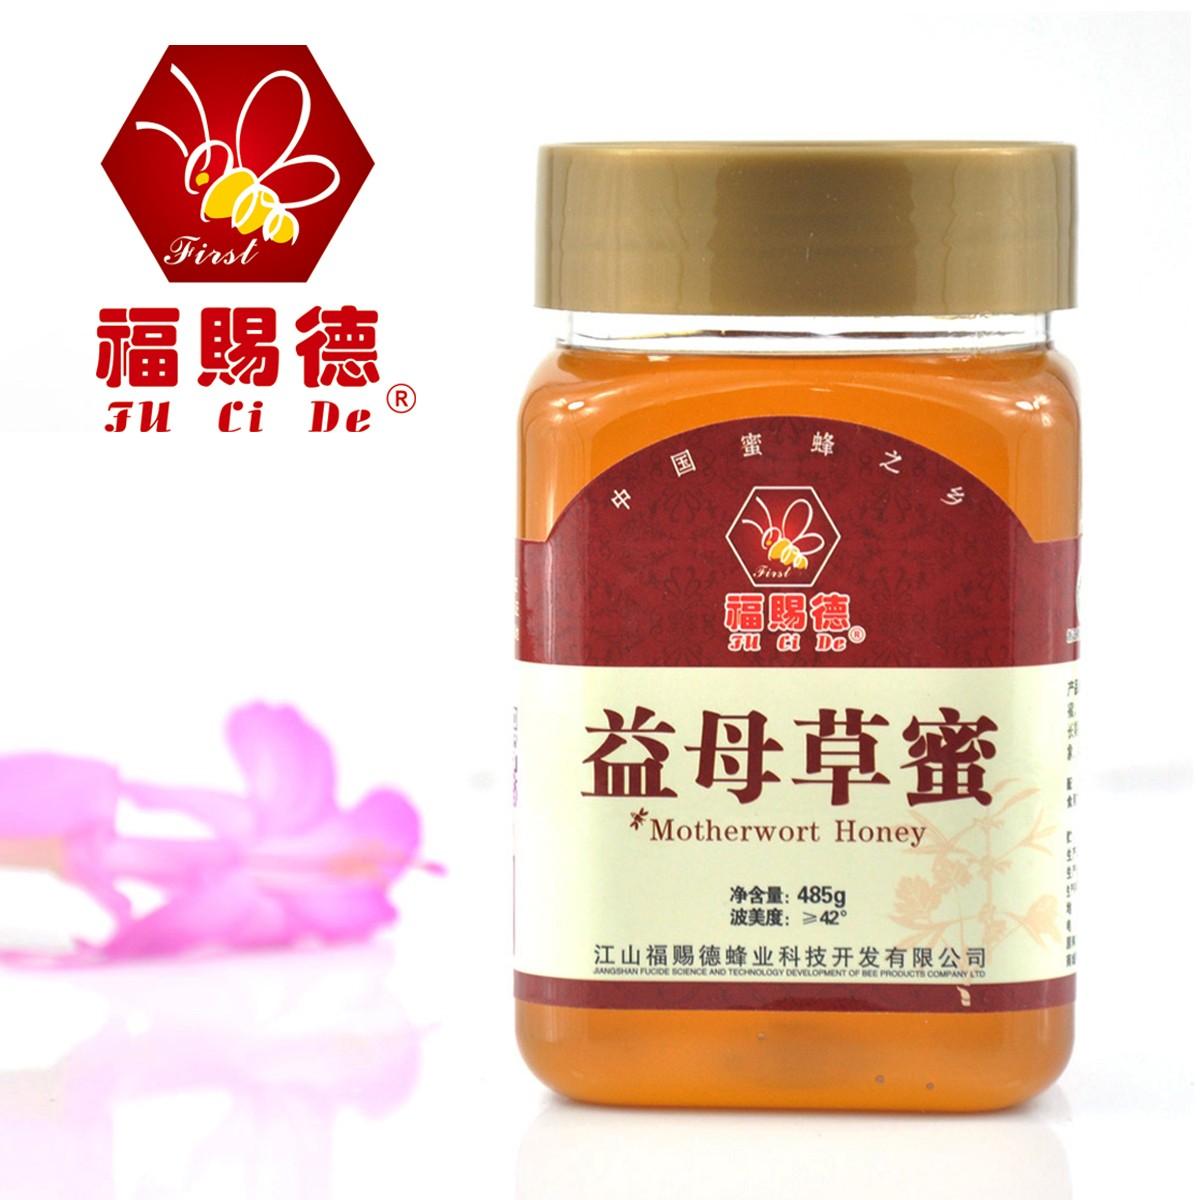 福赐德纯天然 益母草蜂蜜485g 成熟活性蜜 活血化瘀  滋补治痛经